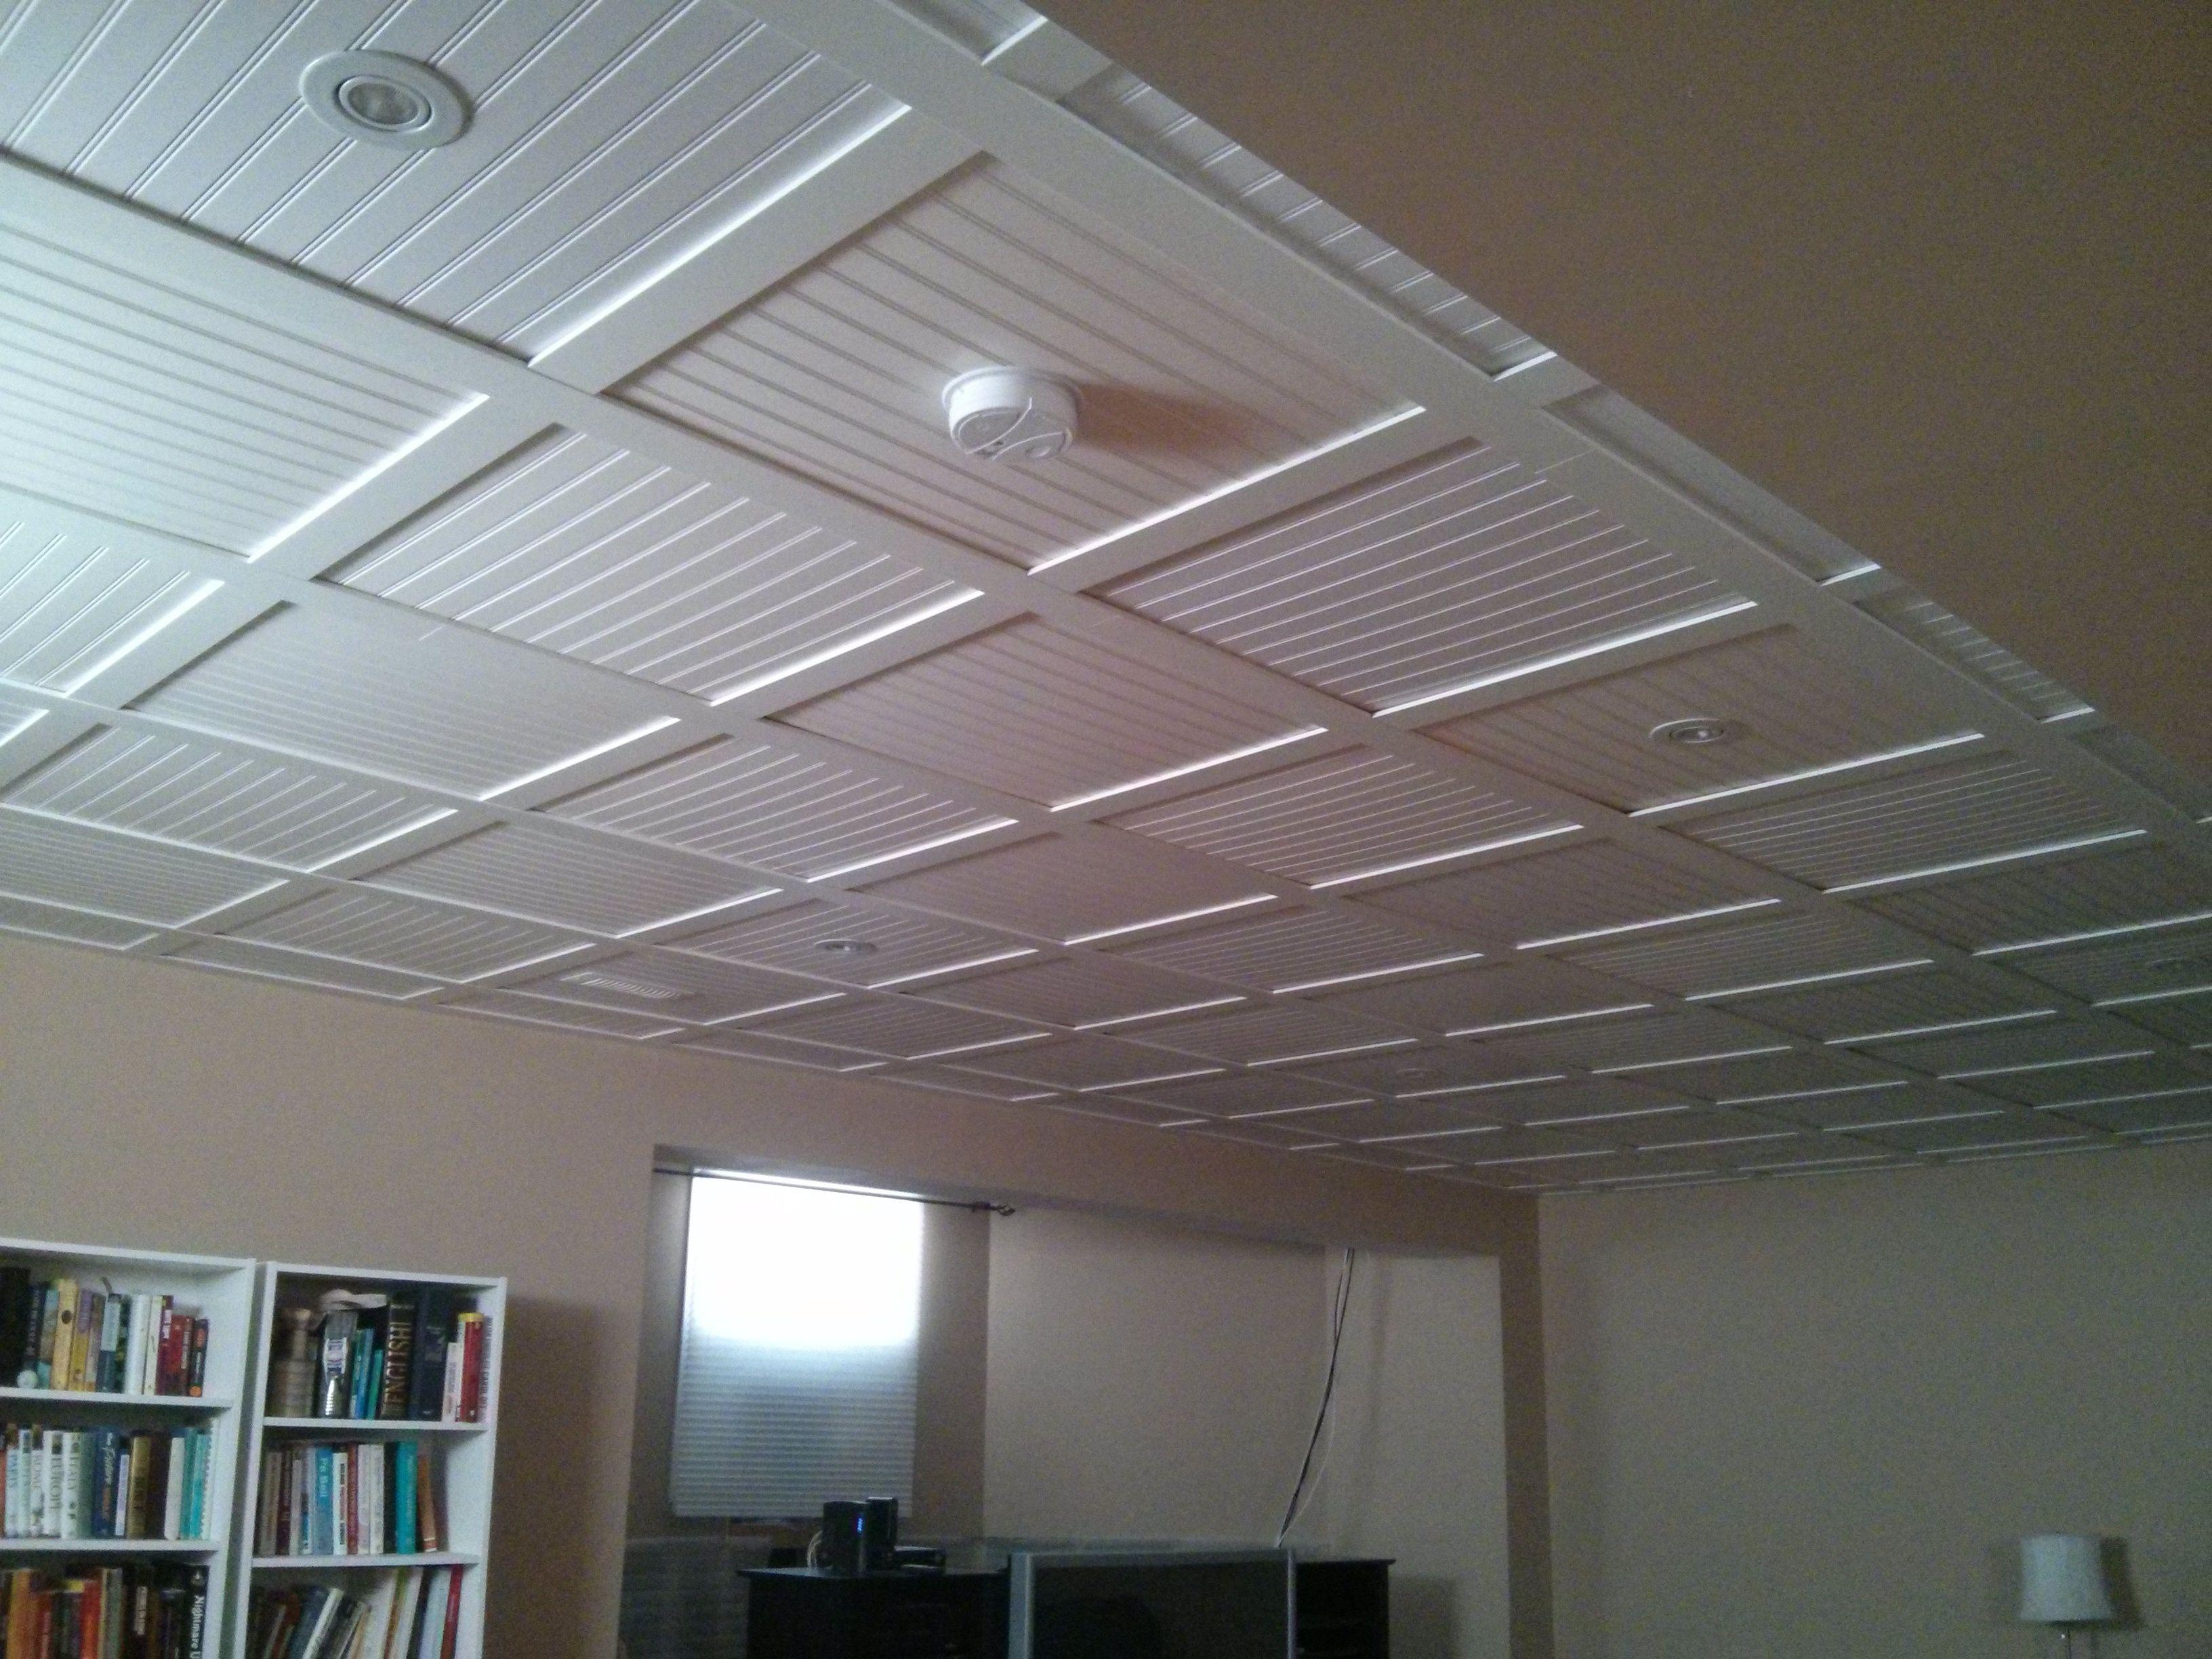 Beadboard drop ceiling tiles httpcreativechairsandtables beadboard drop ceiling tiles dailygadgetfo Gallery